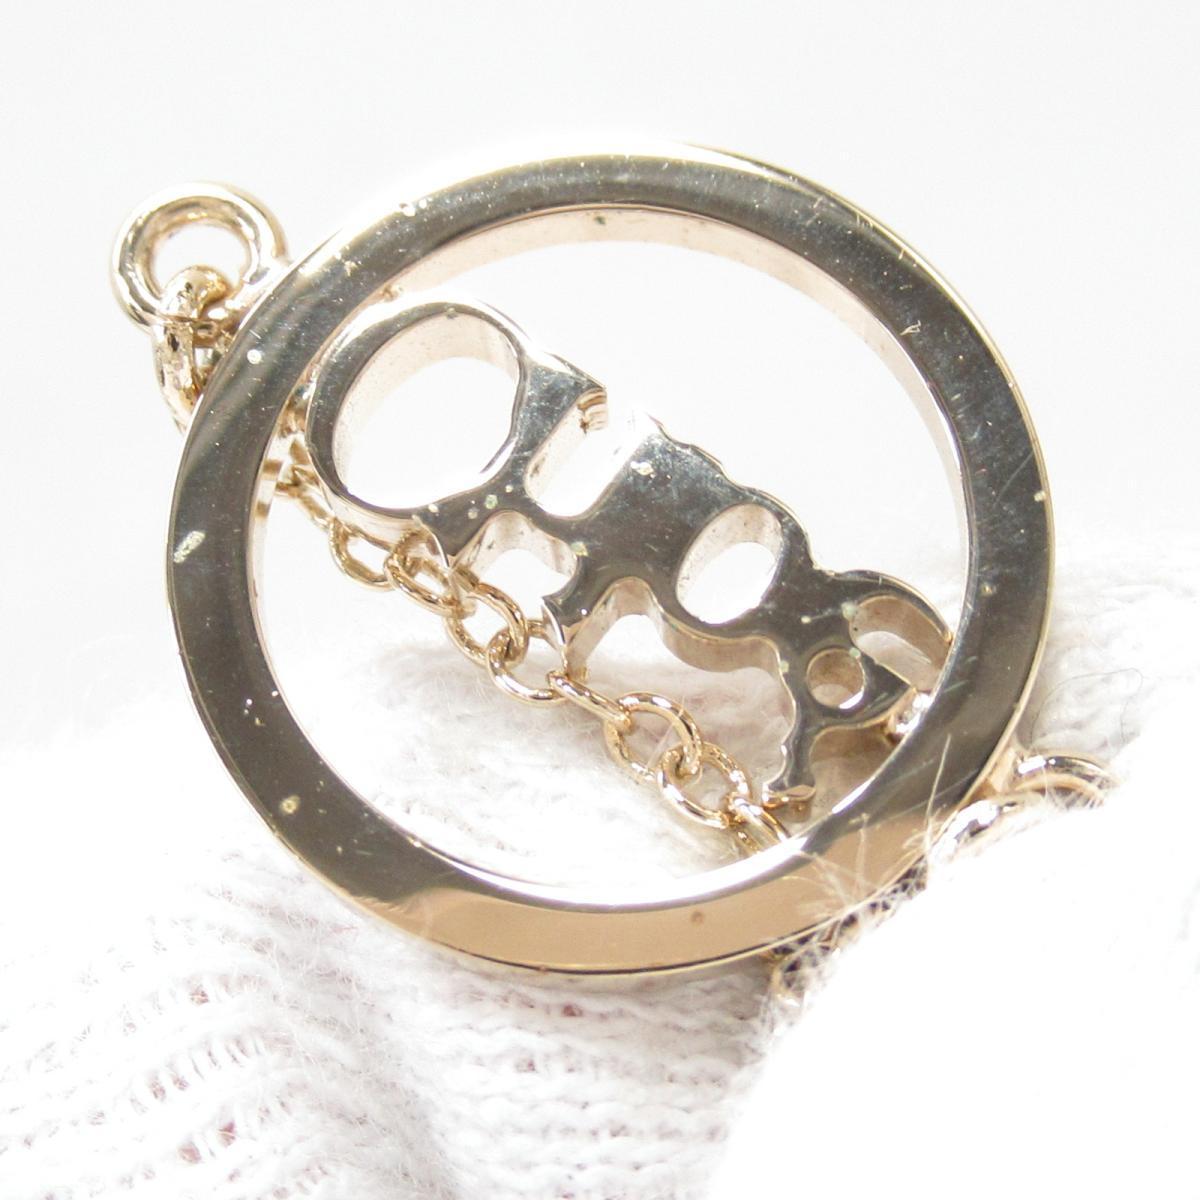 クロエ ブレスレット アクセサリー レディース メッキ ゴールドChloe BRANDOFF ブランドオフ ブランド 腕輪4Aj5RL3q